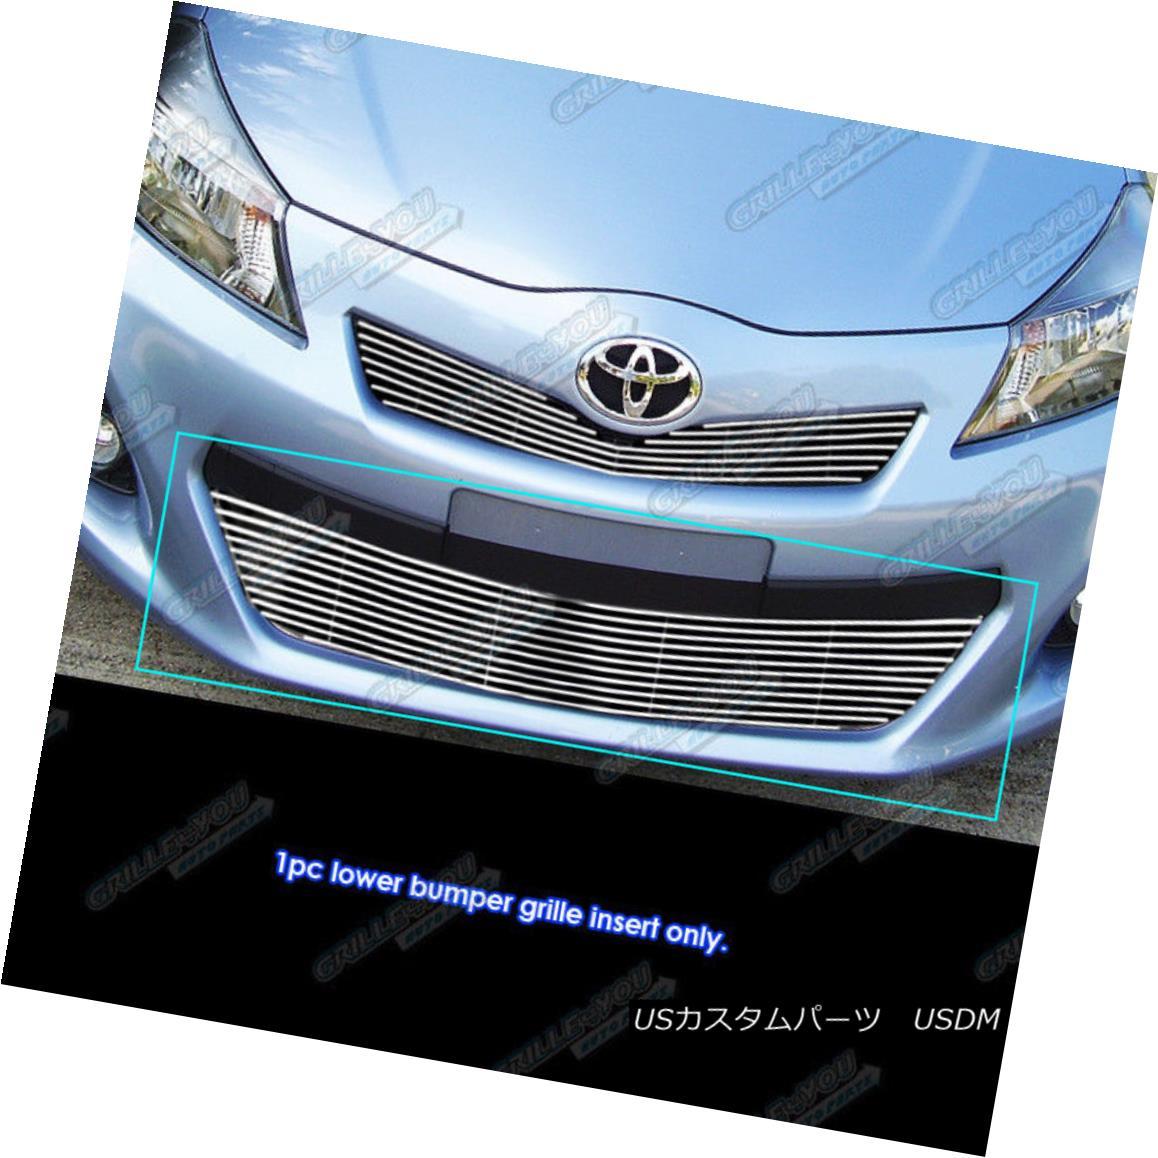 グリル Fits 2012-2014 Toyota Yaris SE Lower Bumper Billet Grille Grill Insert フィット2012-2014トヨタヤリスSEロワーバンパービレットグリルグリルインサート